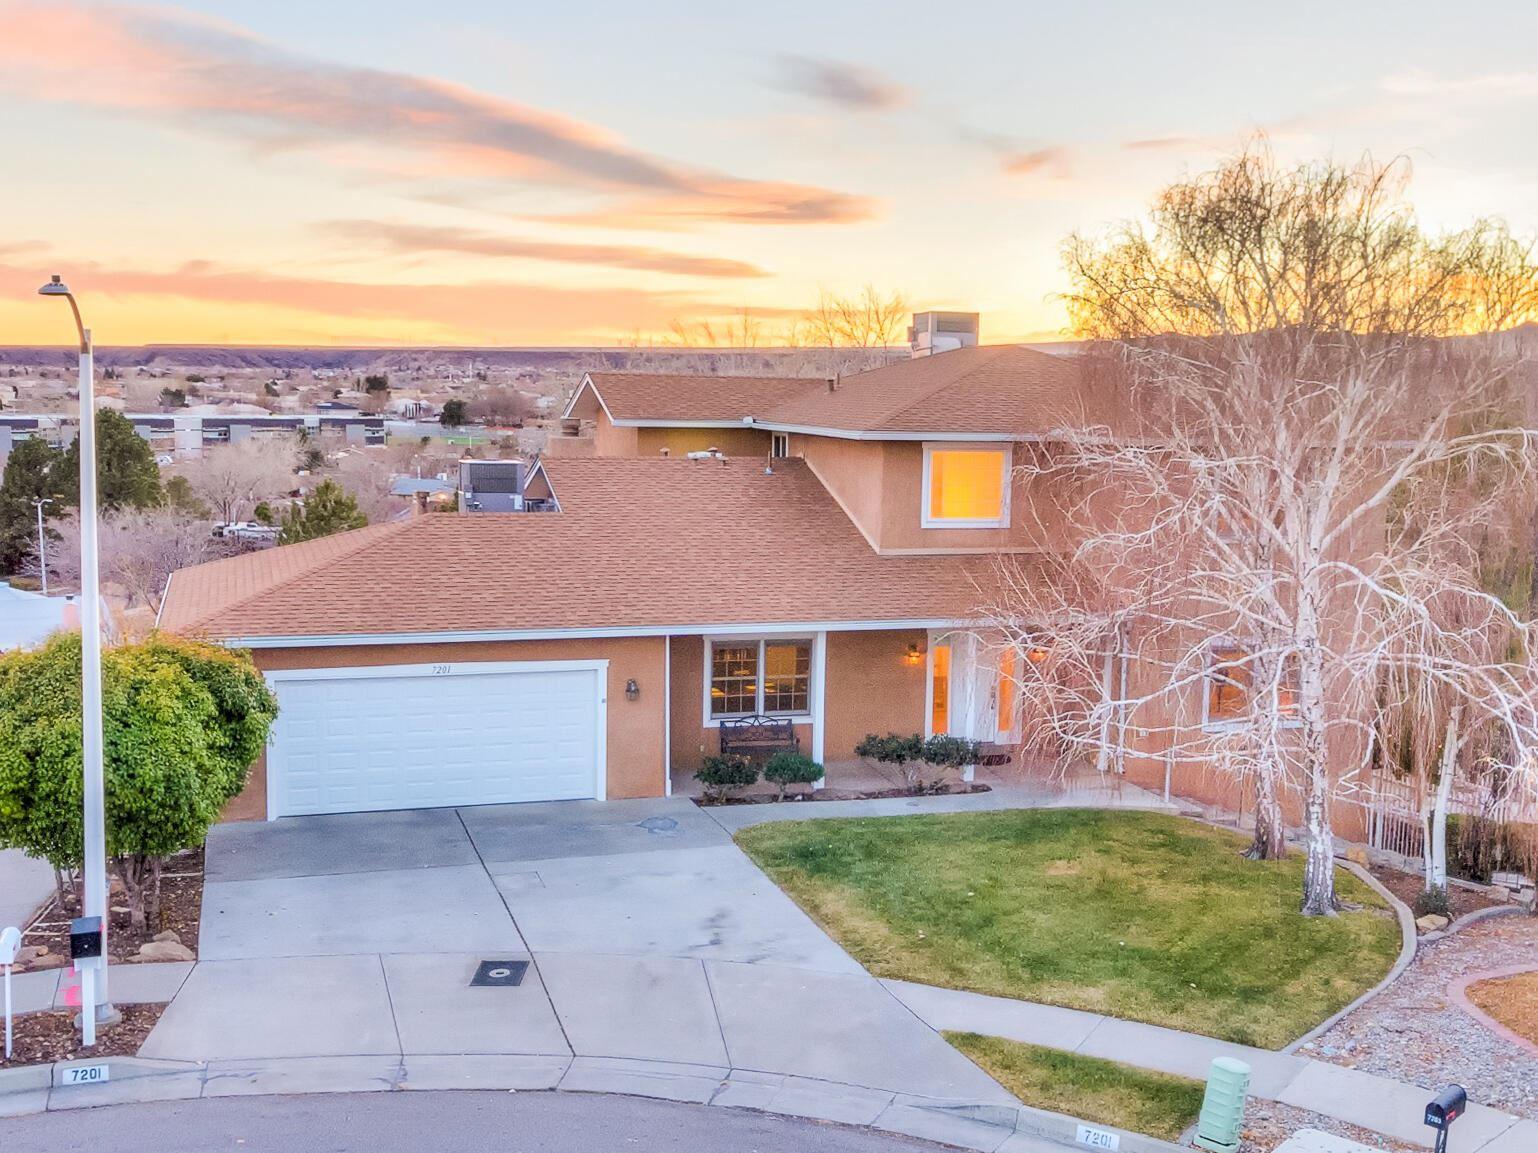 7201 Carson Trail NW, Albuquerque, NM 87120 - #: 986701